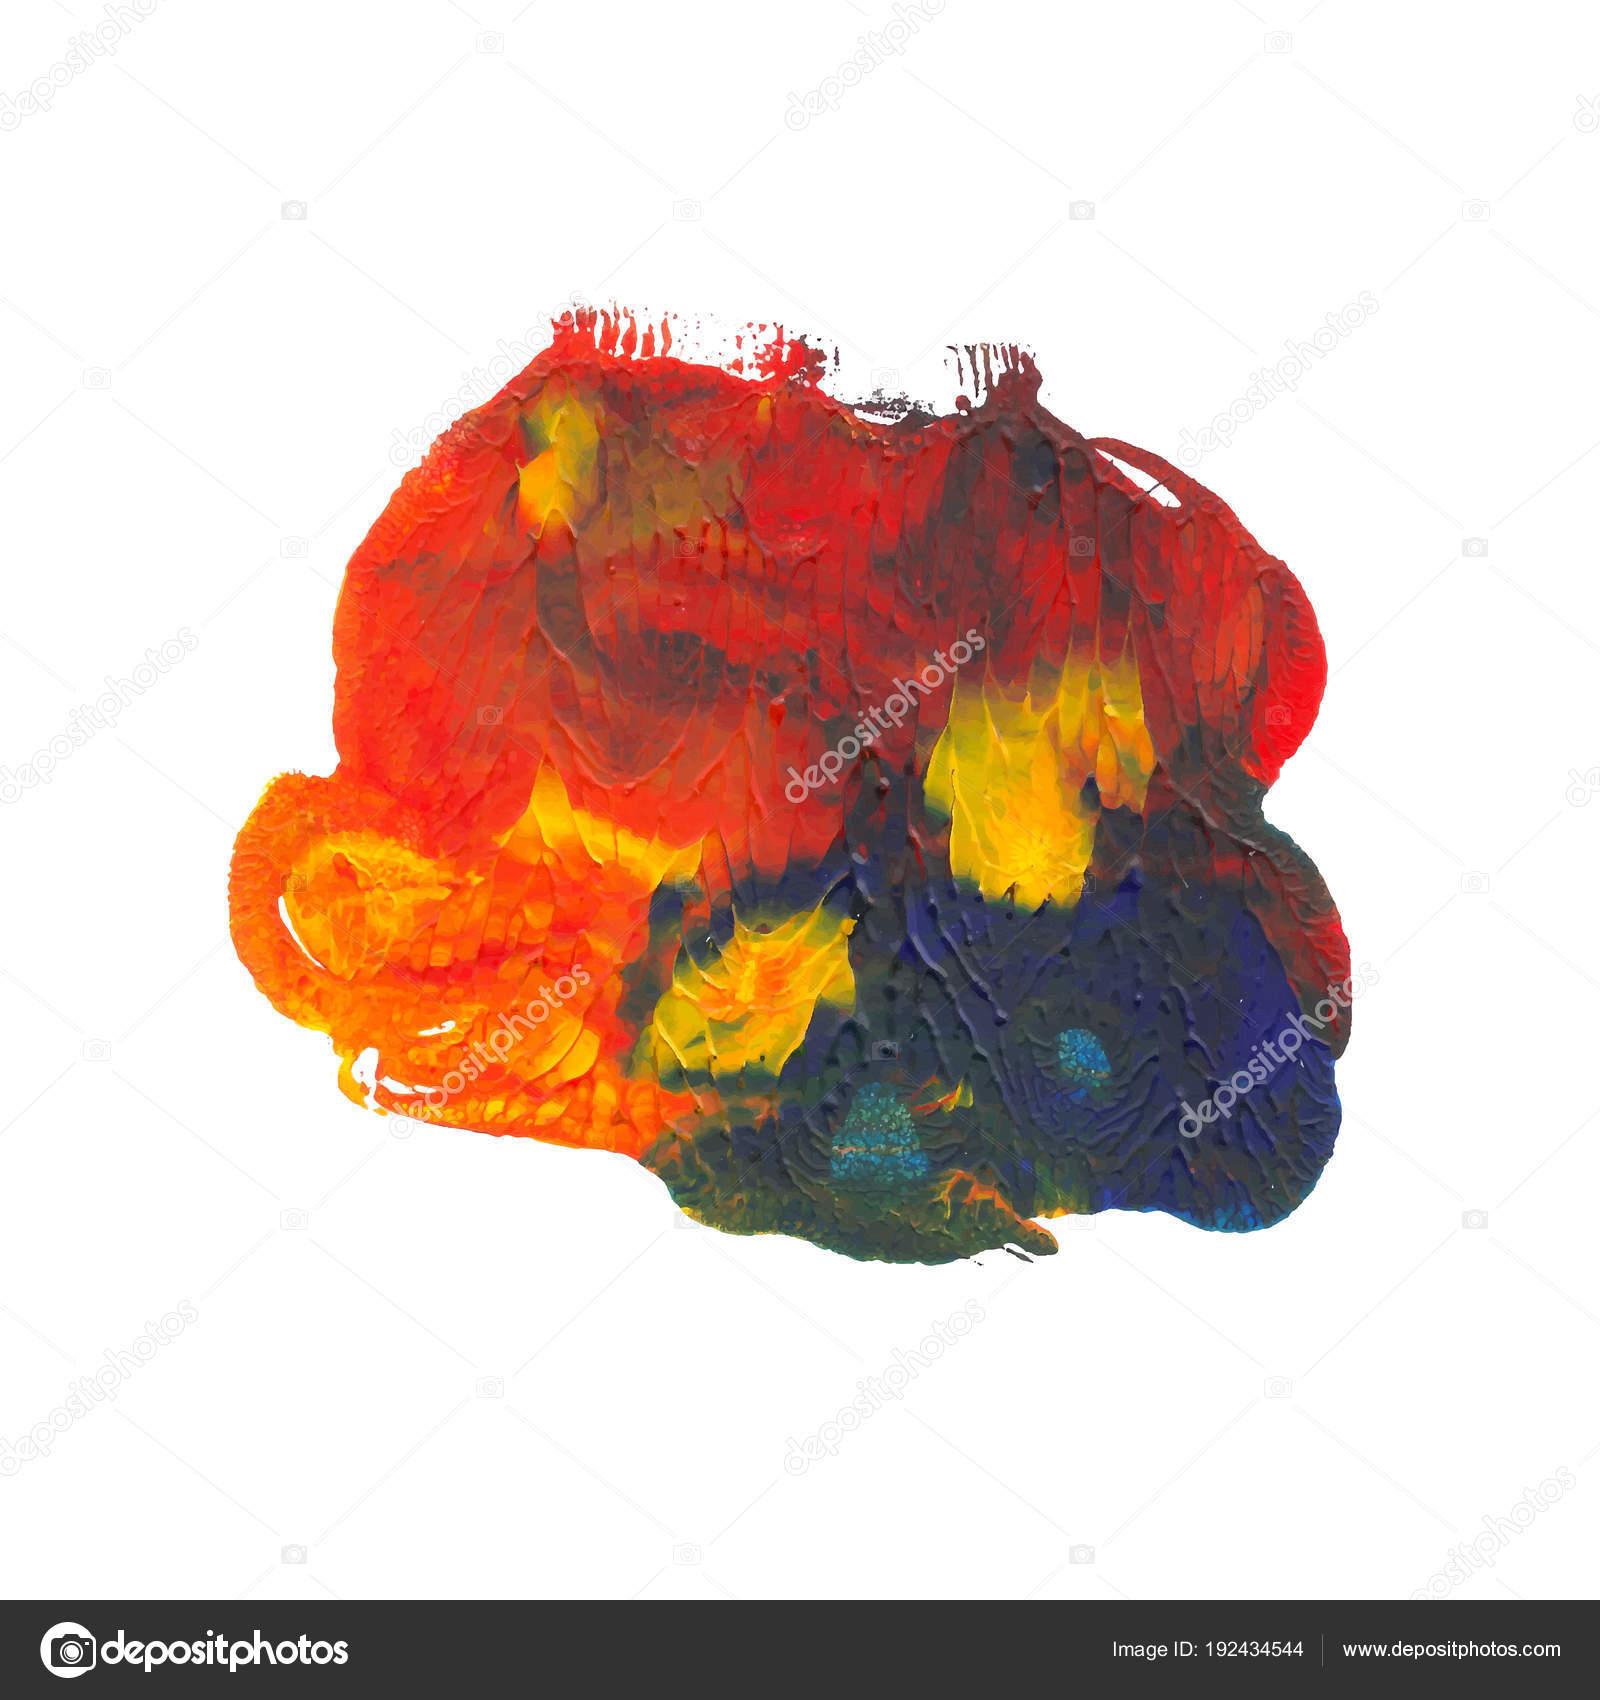 Monotyped Tache De Peinture Acrylique Image Vectorielle Enkaparmur